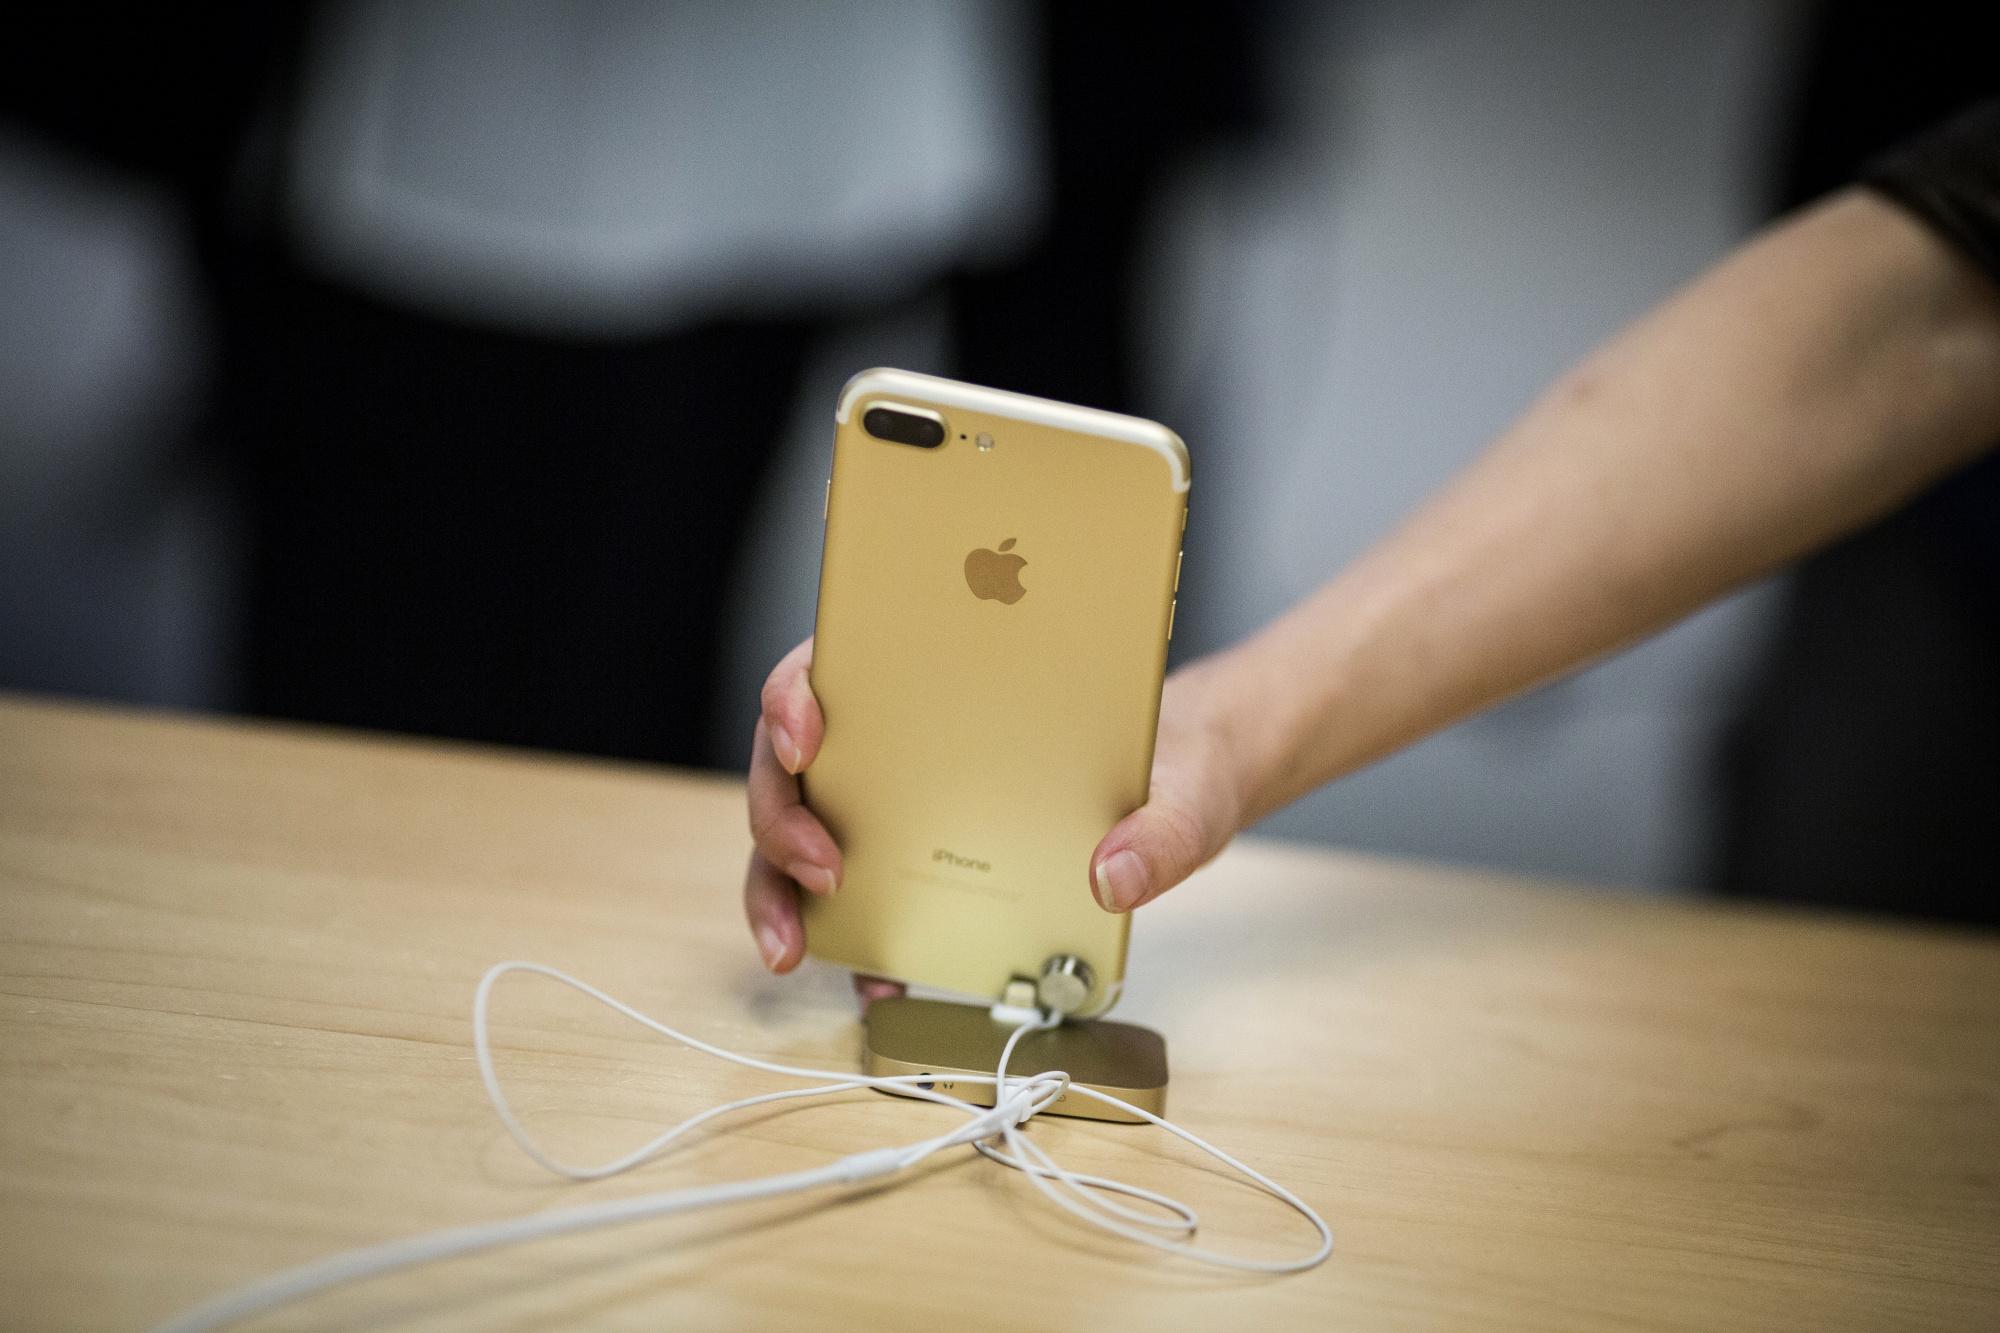 博通CEO暗示:老款iPhone销量强劲